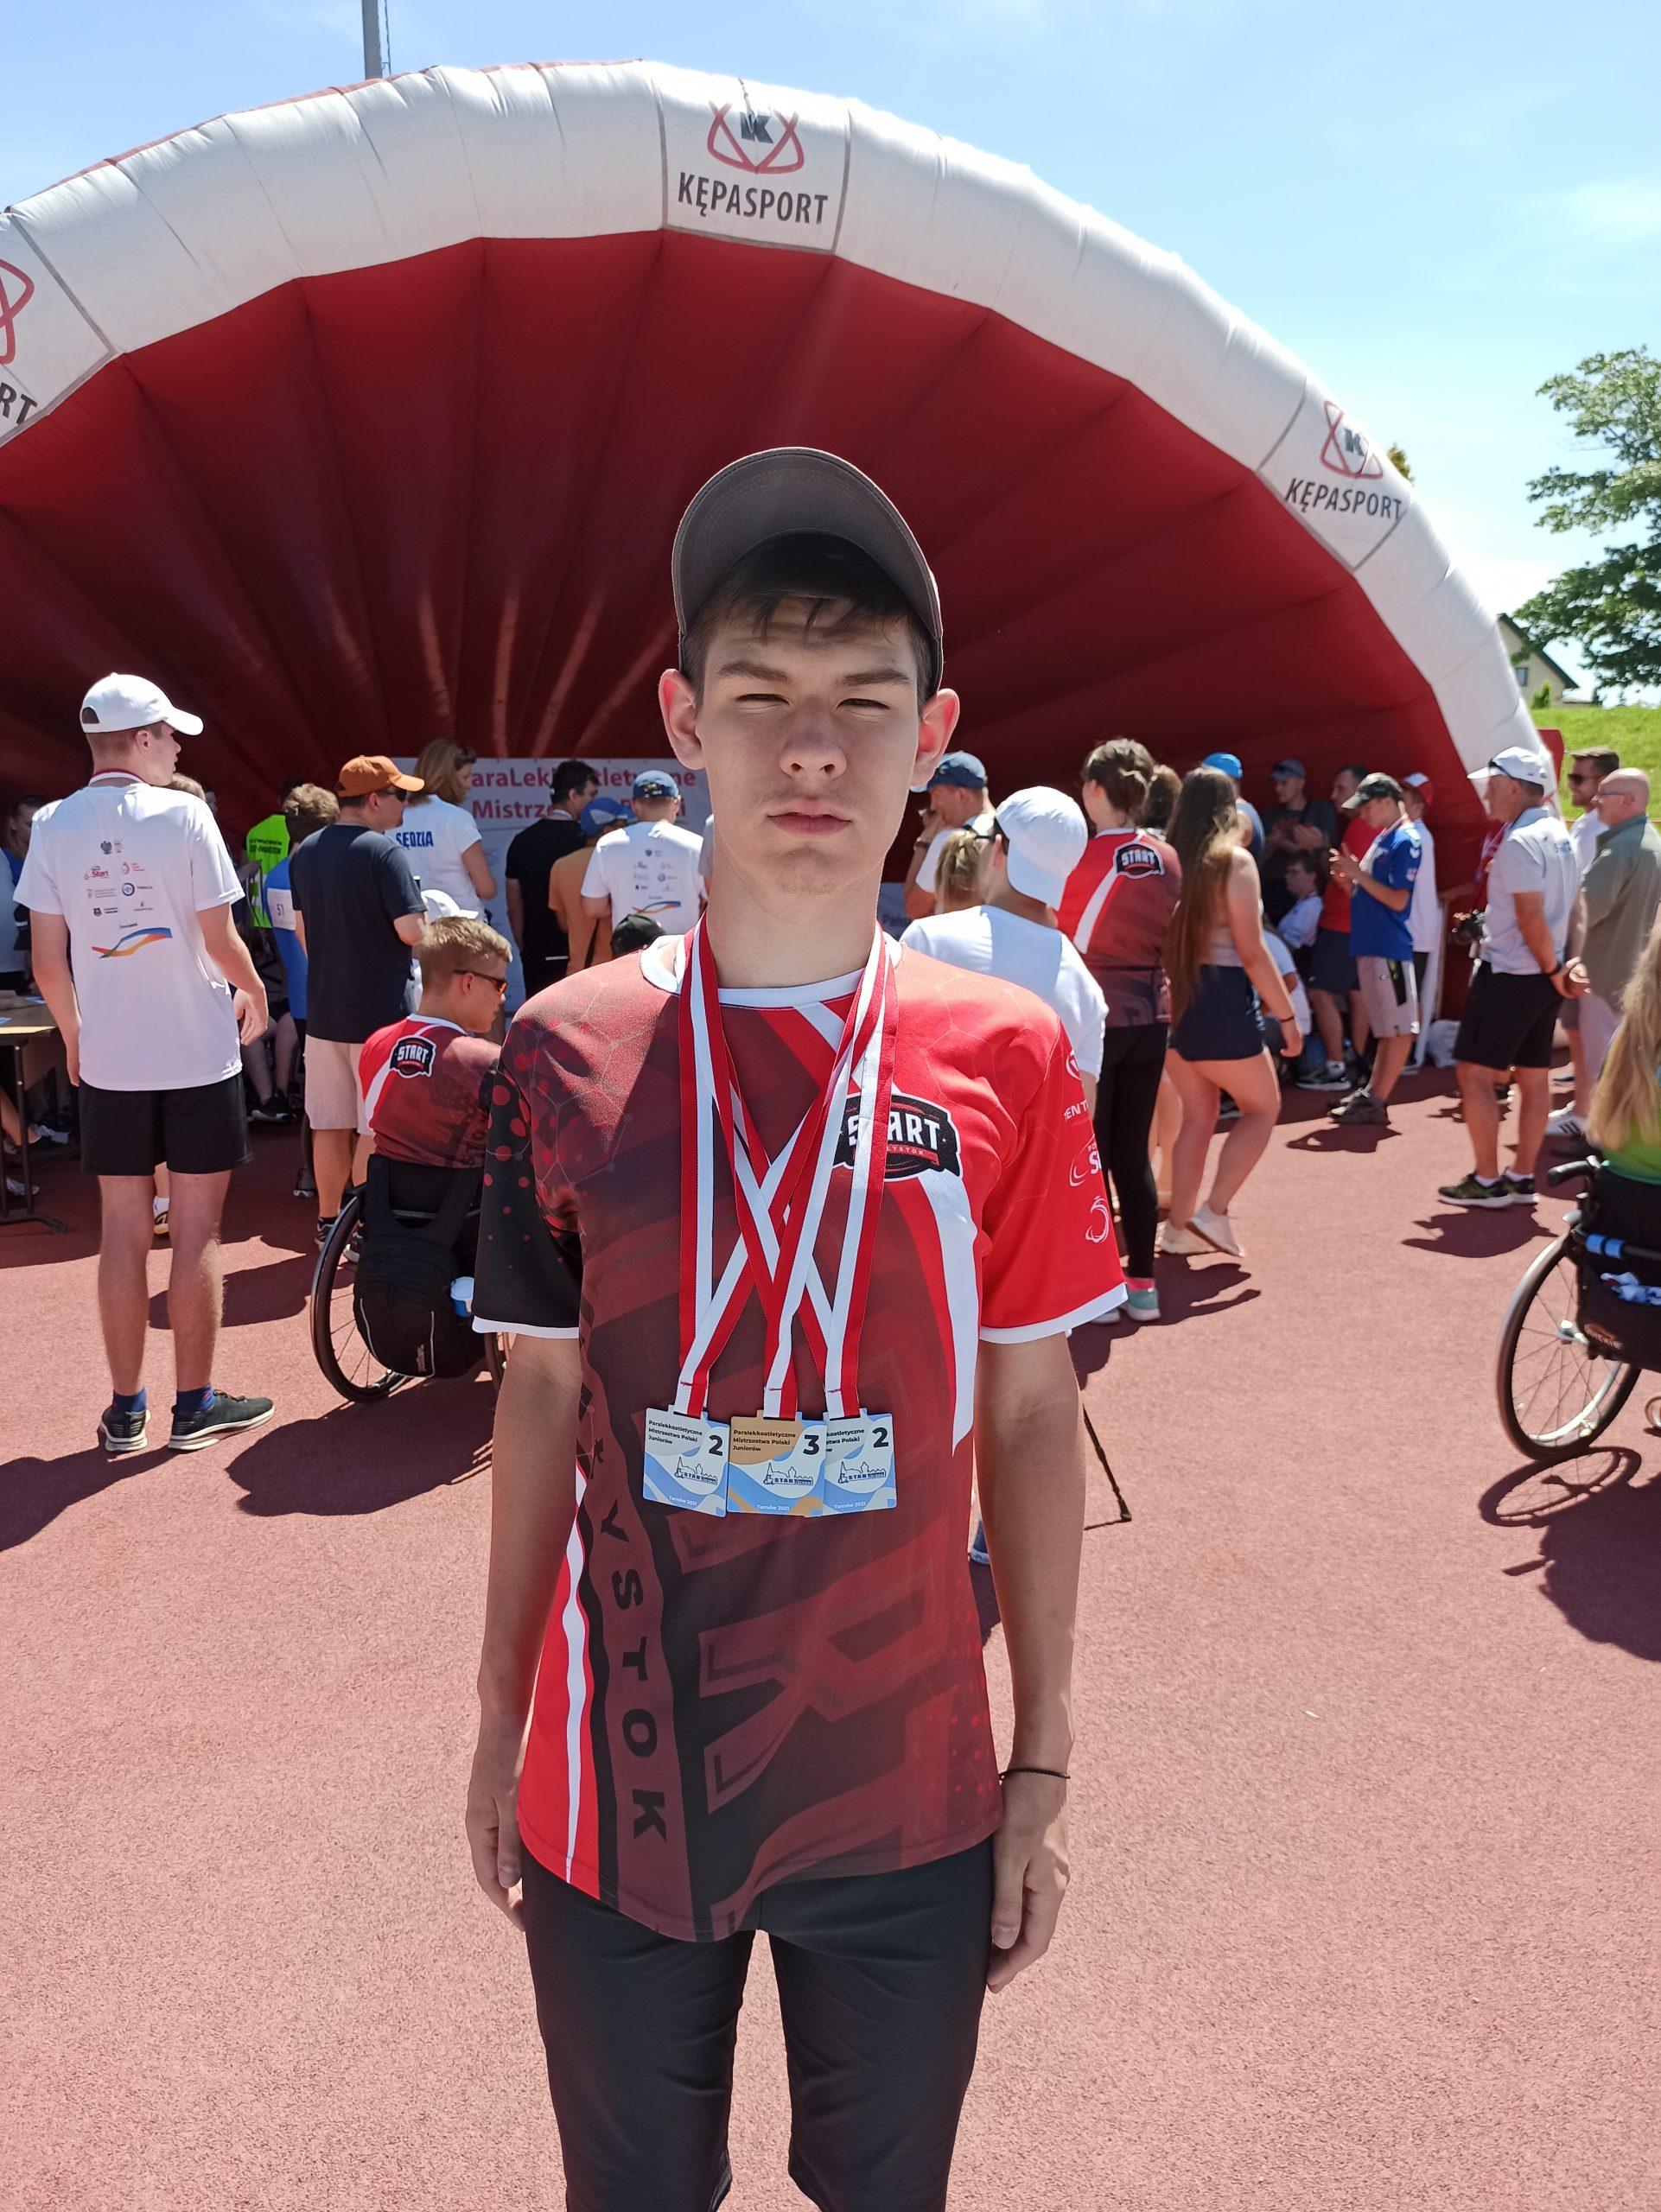 młody chłopak w czapce z daszkiem w stroju sportowym